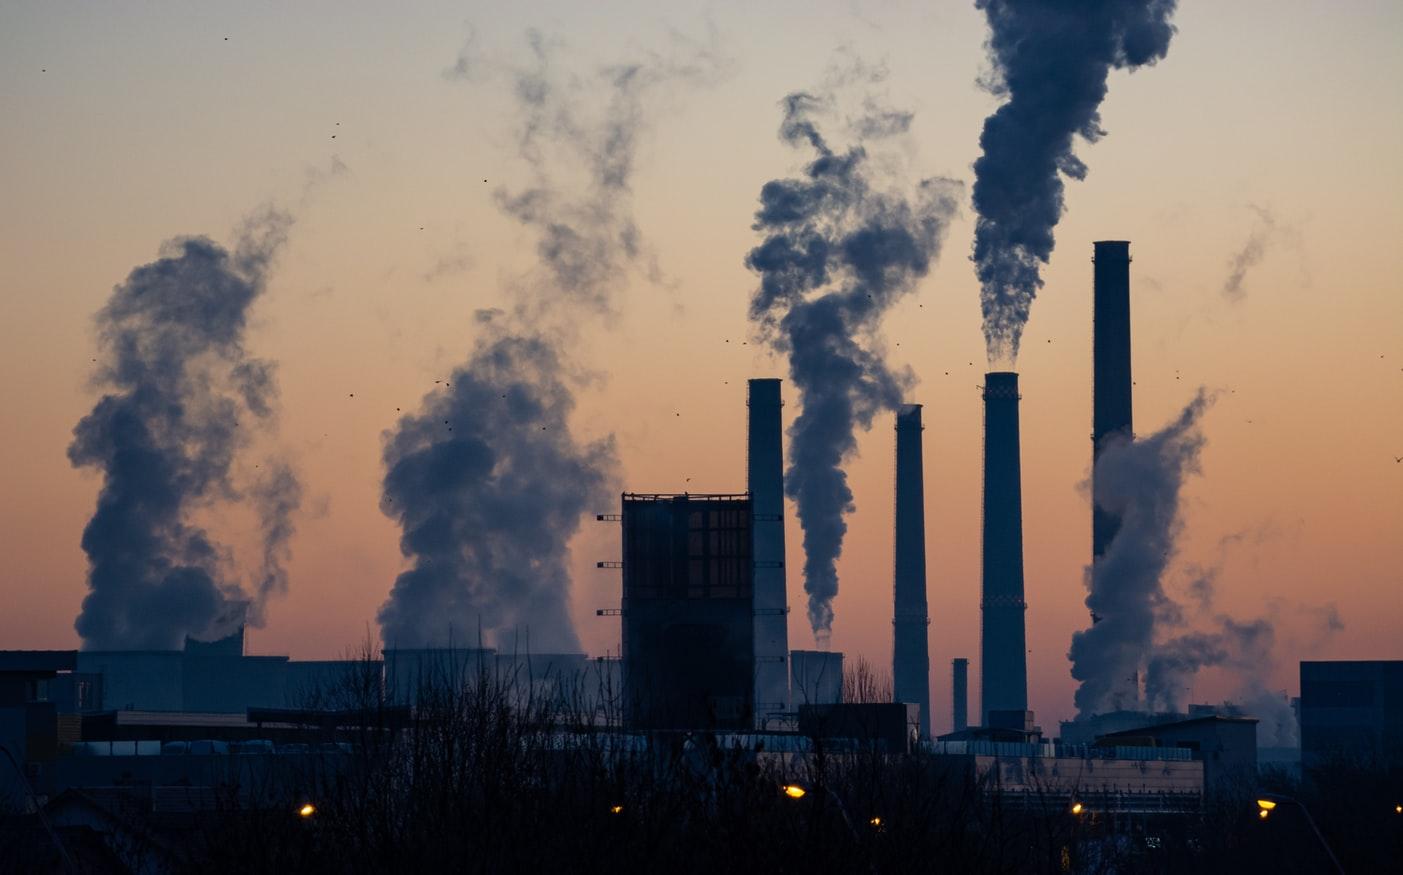 Une usine avec d'importantes colonnes de fumées vers le ciel.